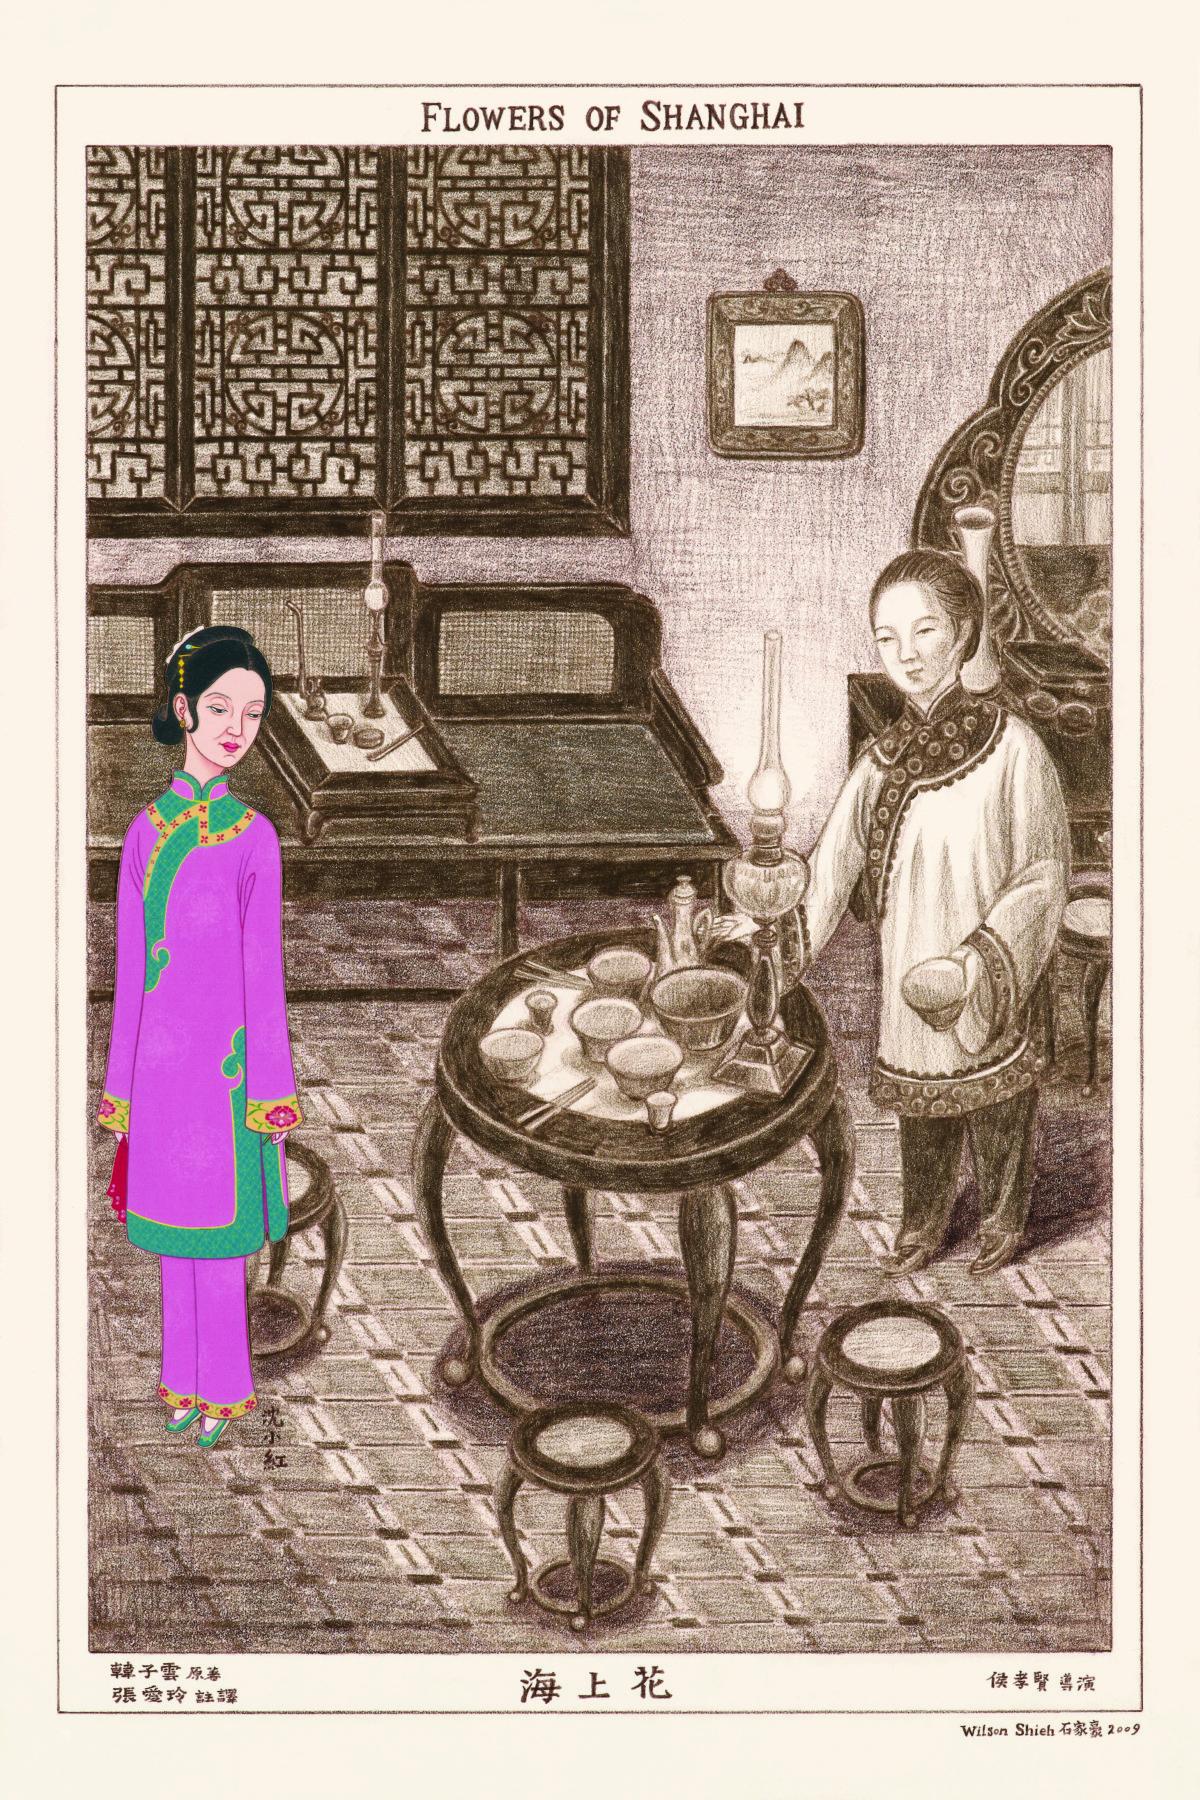 《海上花》,是張愛玲把吳語的《海上花列傳》譯為白話,電影是侯孝賢拍攝的版本。